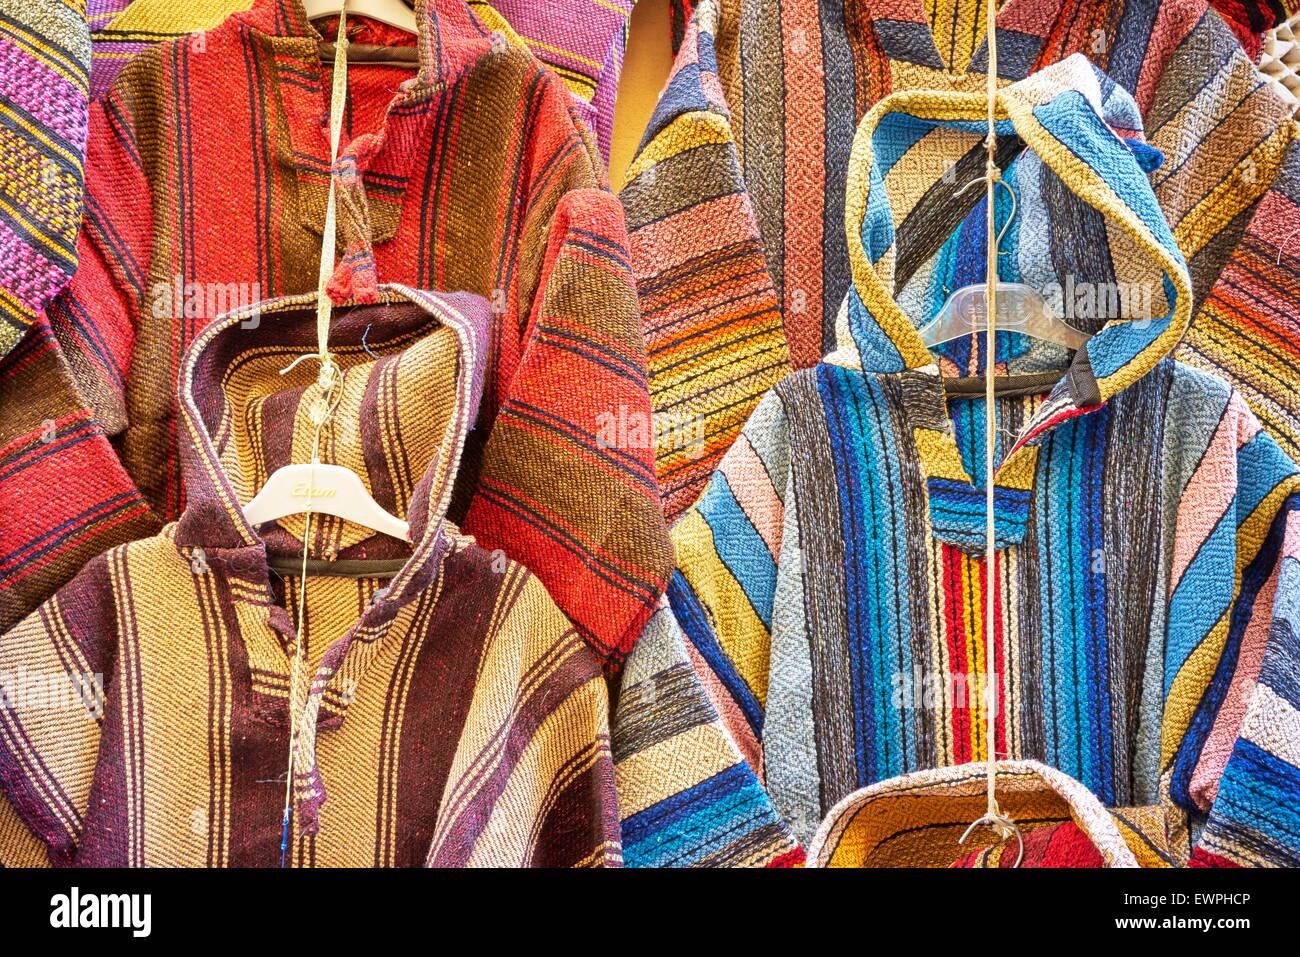 Negozio di abbigliamento. La lana djellabas, Berber Marocchino tradizionale abito. Il Marocco Immagini Stock